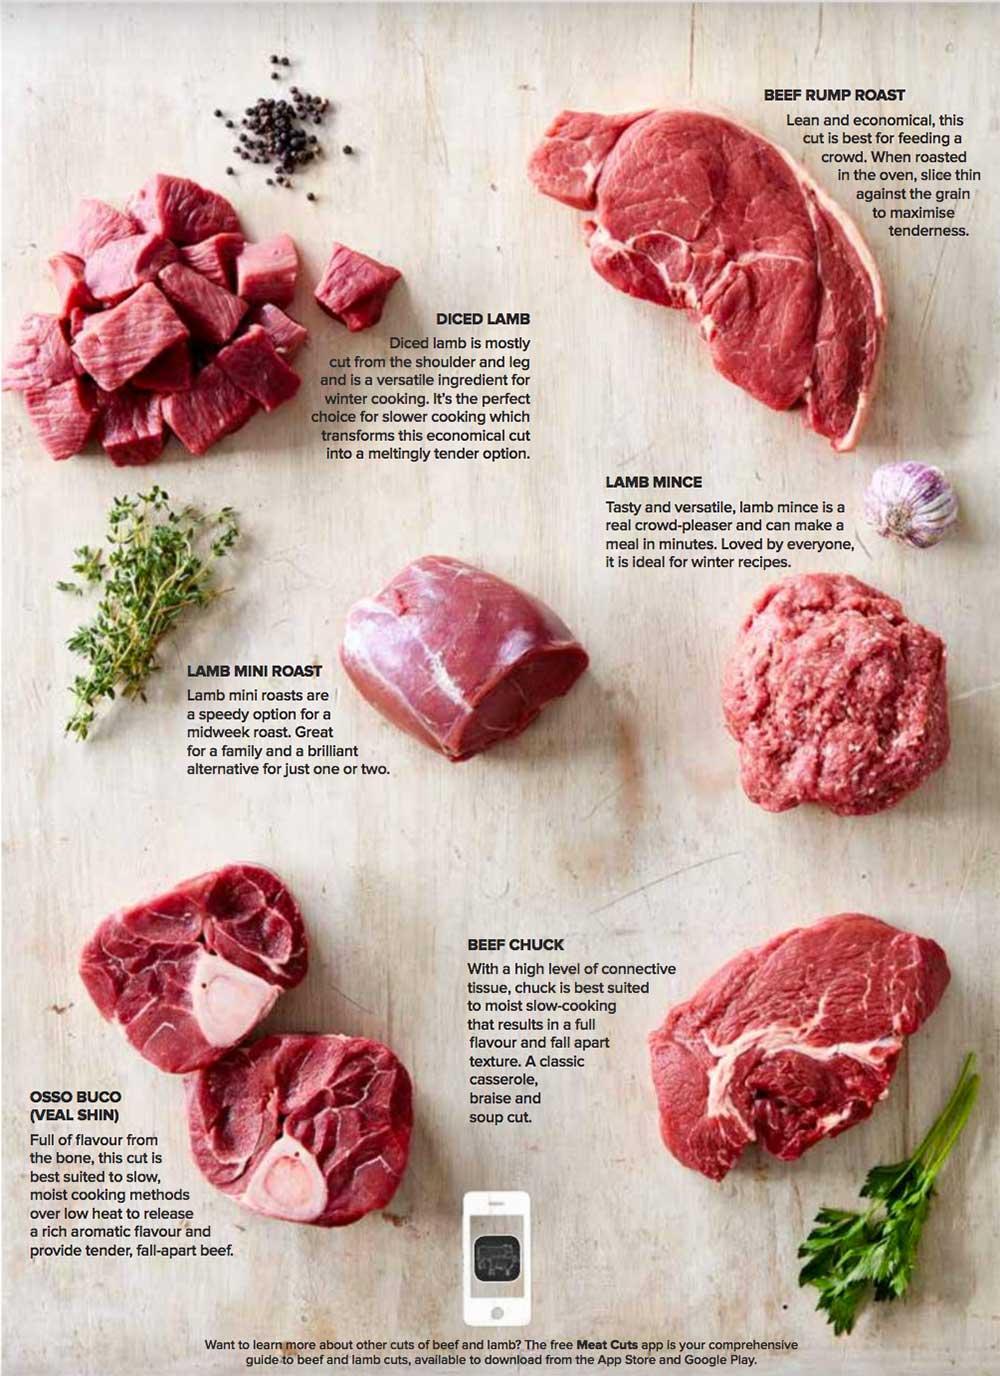 What's On The Menu - Wholesale Butcher Sydney - Online Butchers